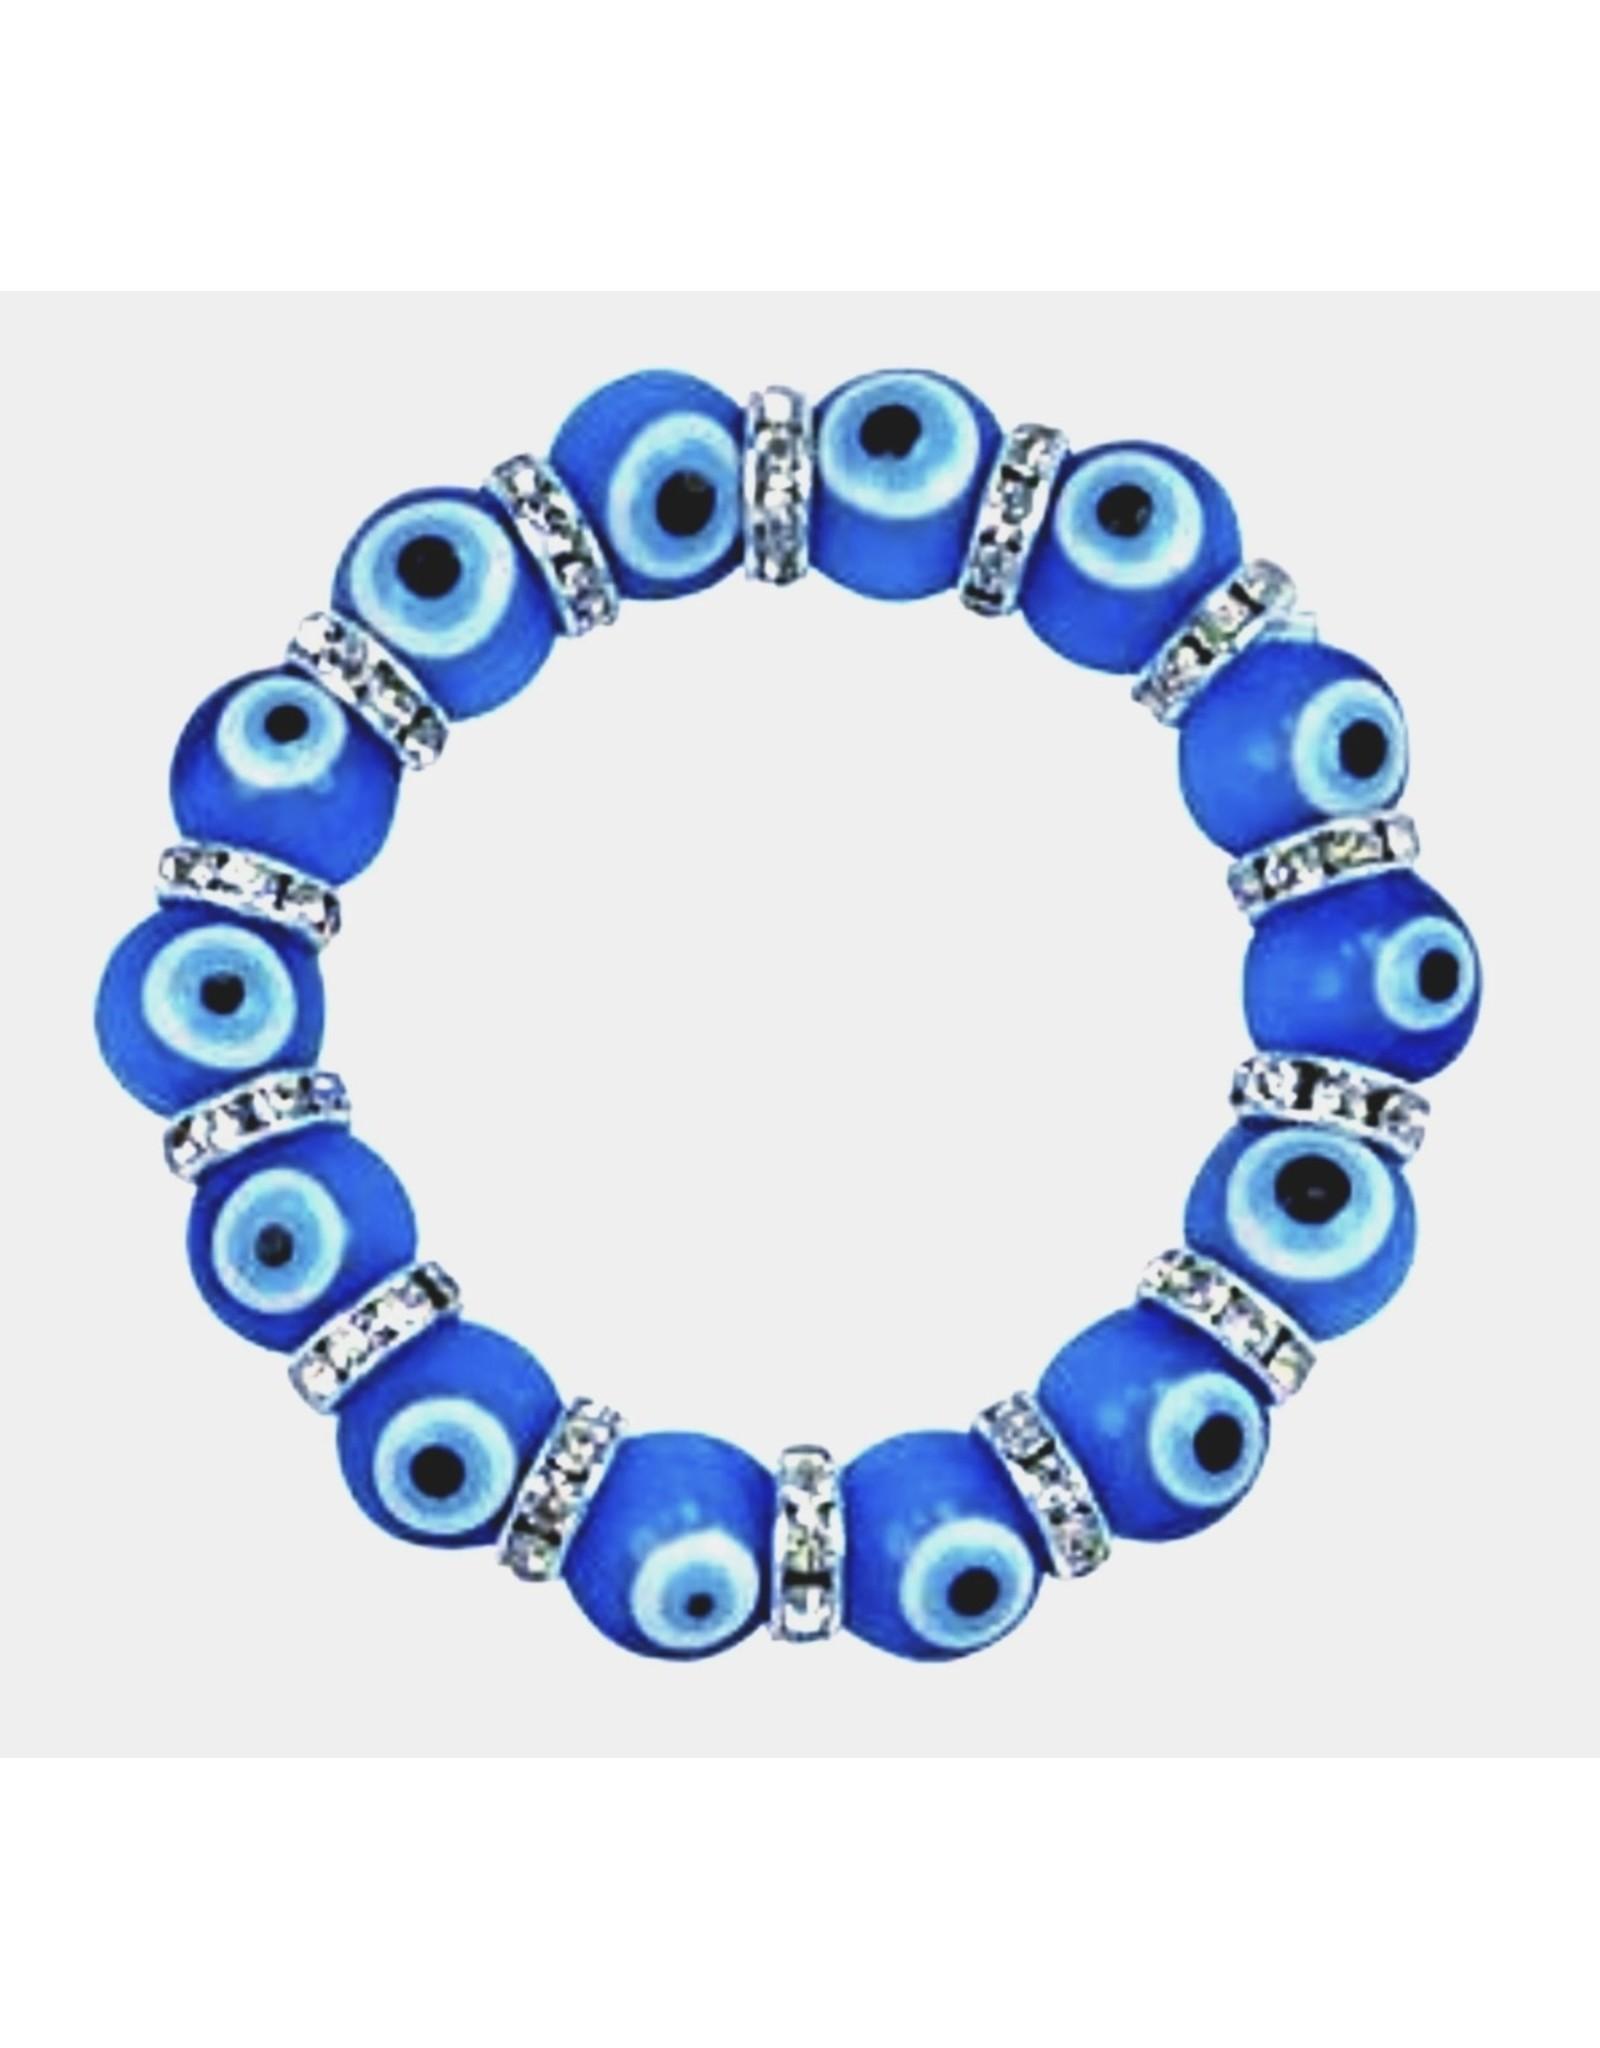 Bracelet -Evil Eye  - Light Blue w/ Charm